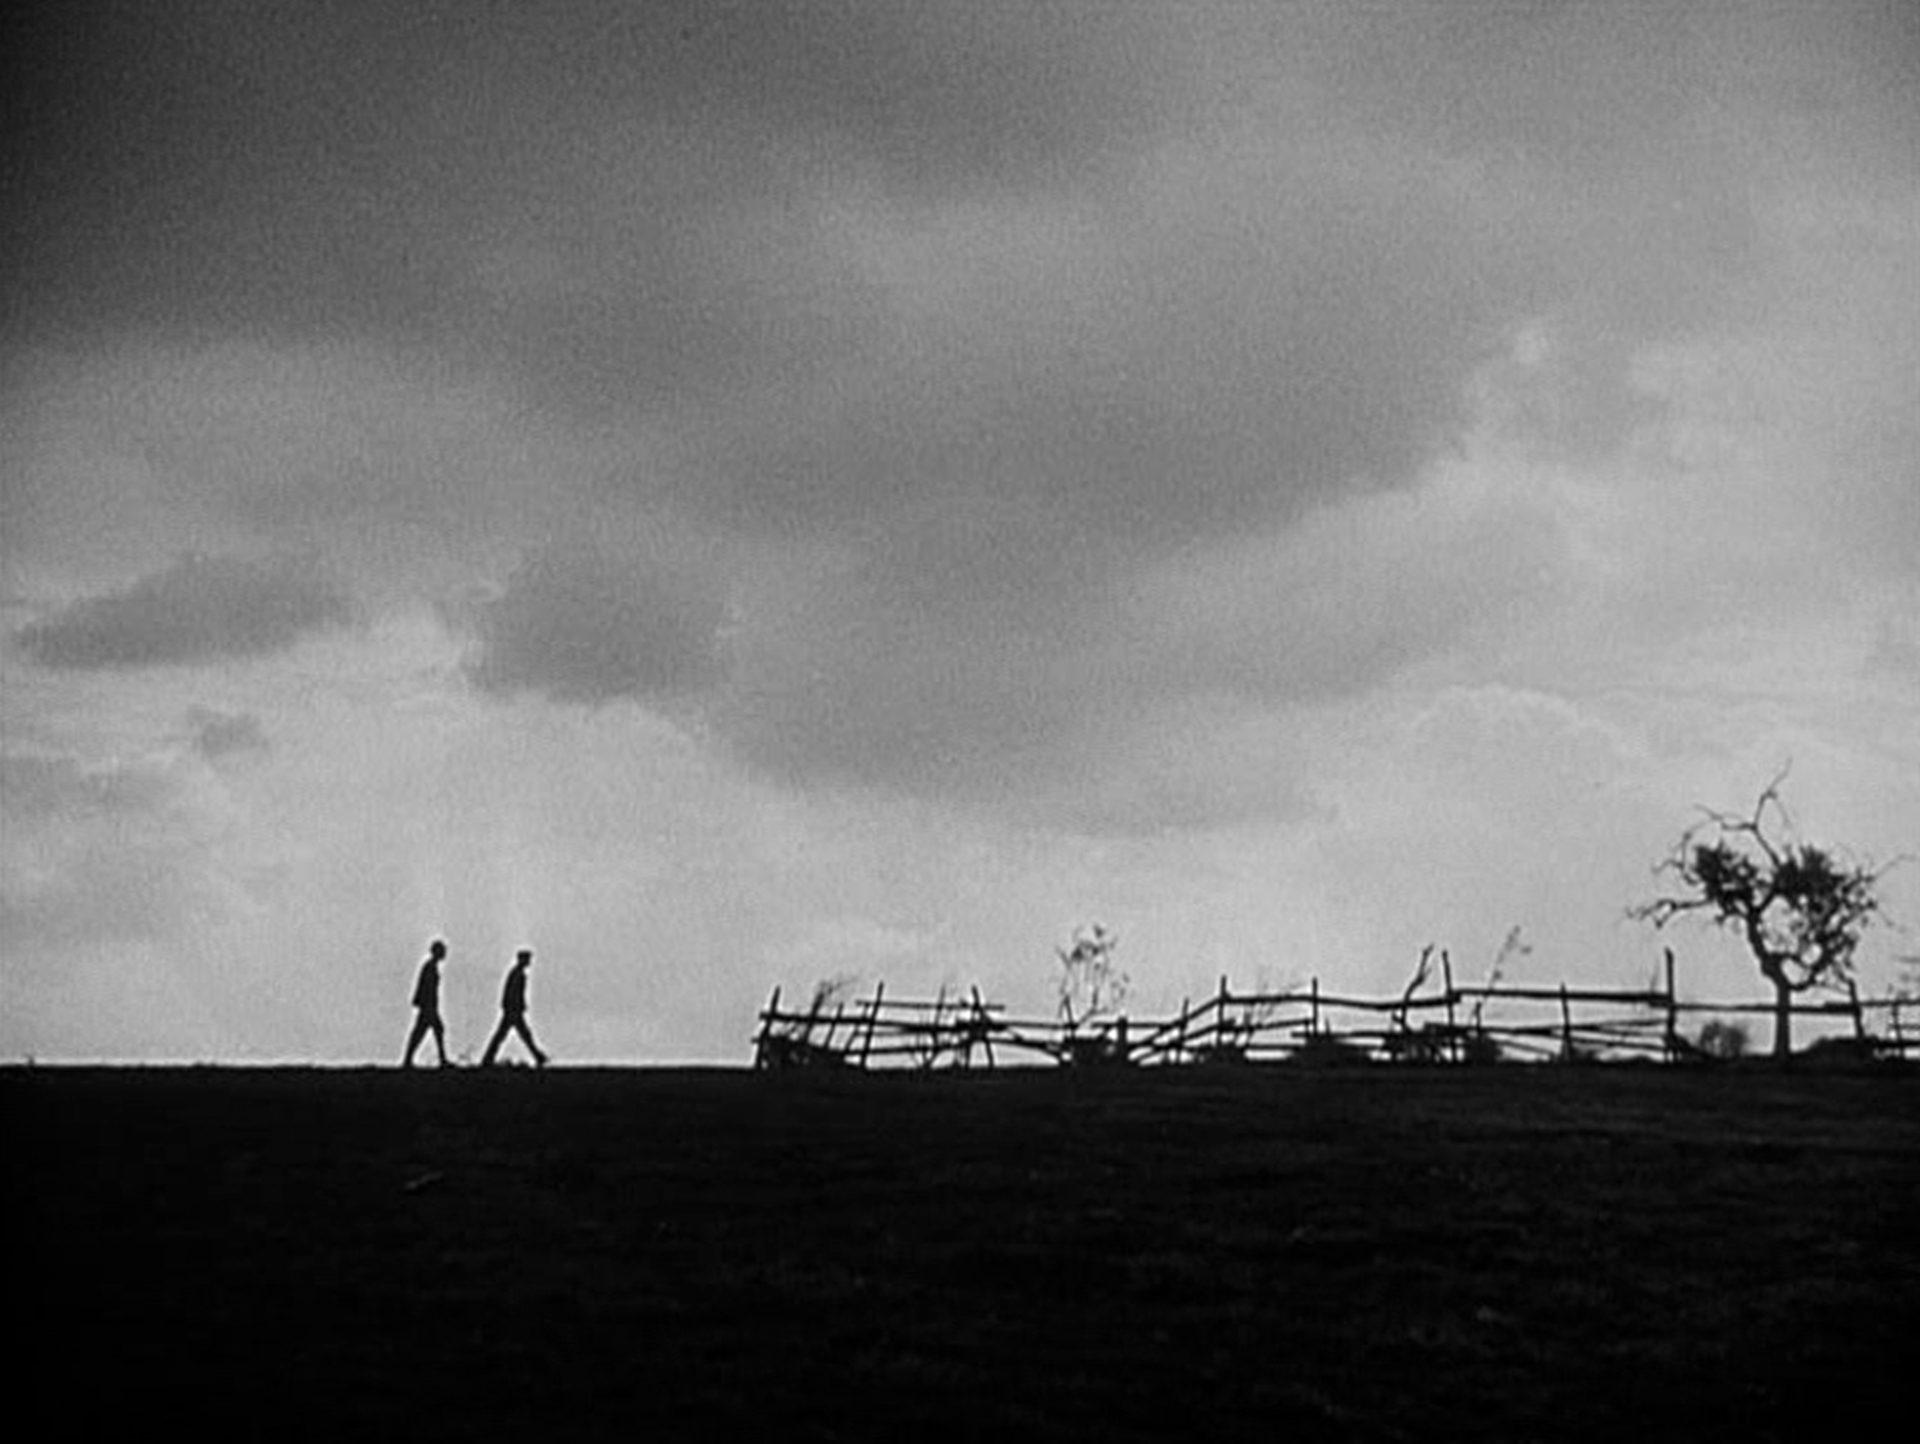 Zwei Männer zeichnen sich als Silhouetten am Horizont einer finsteren Landschaft ab.